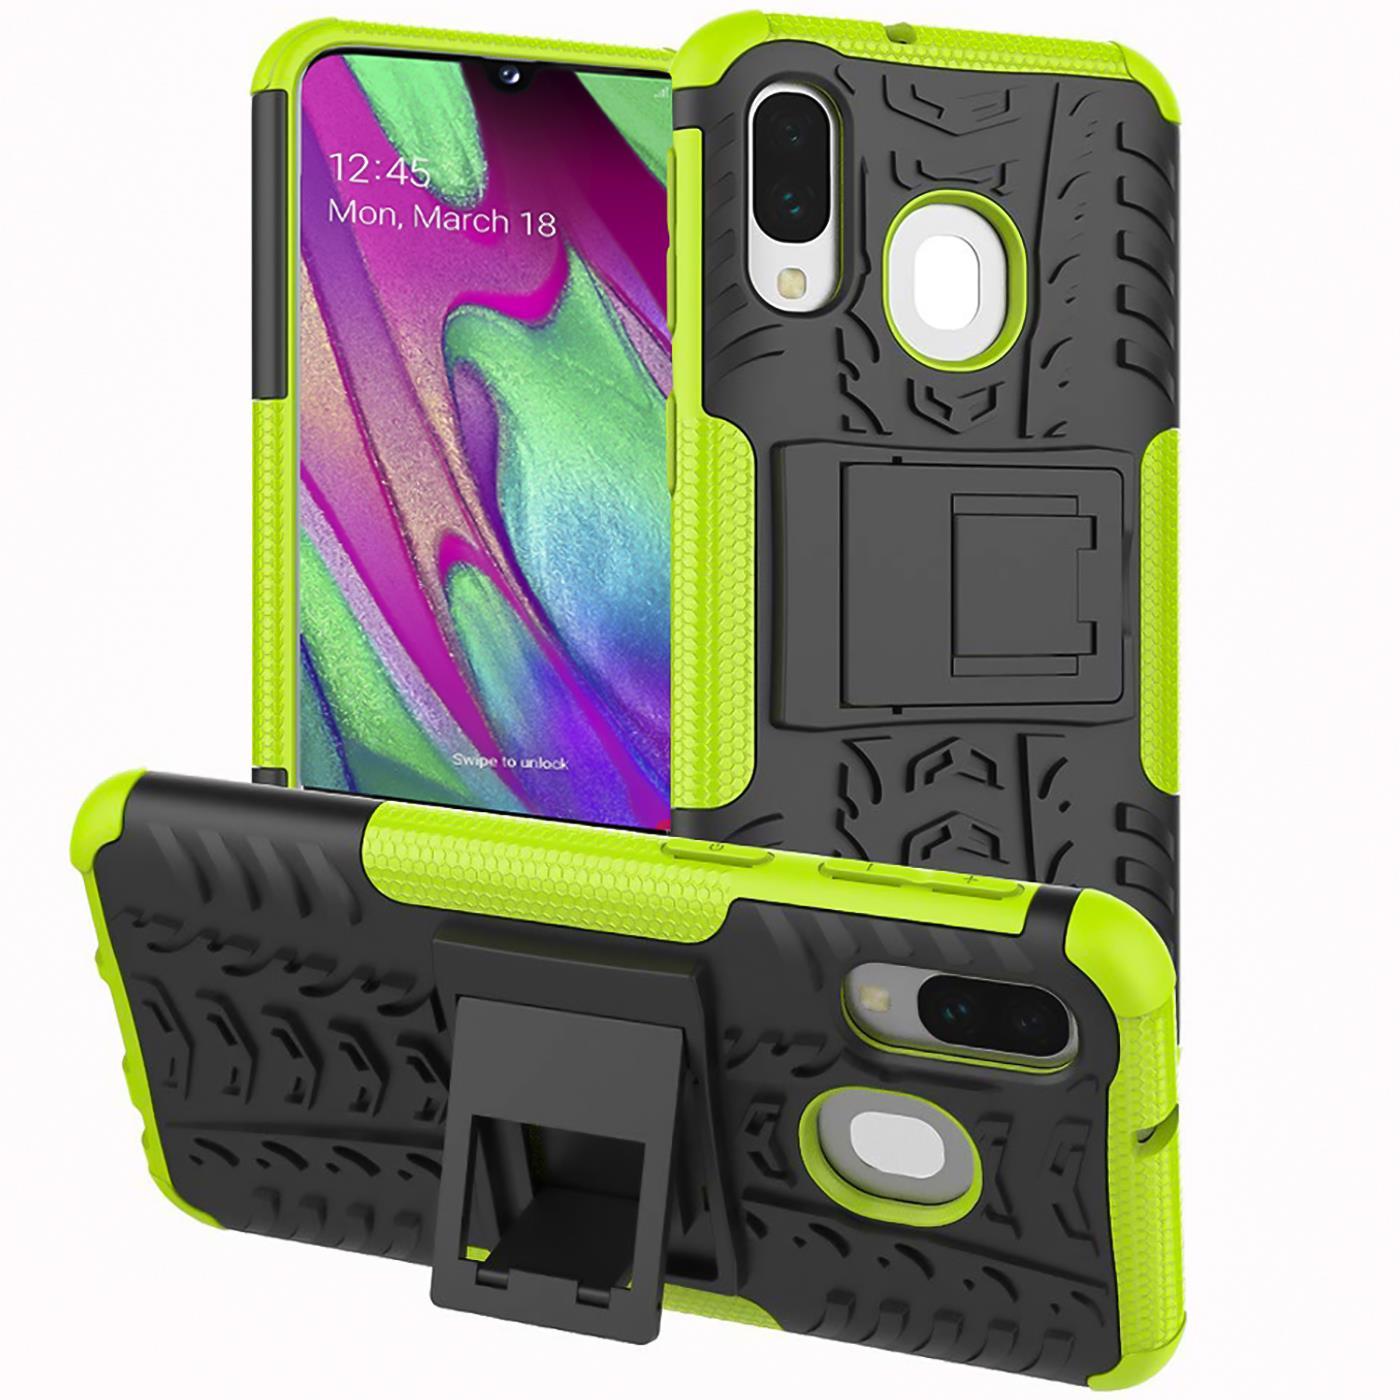 Schutzhuelle-Samsung-Galaxy-A20e-Handy-Tasche-Schutz-Huelle-Hybrid-Panzer-Case Indexbild 12